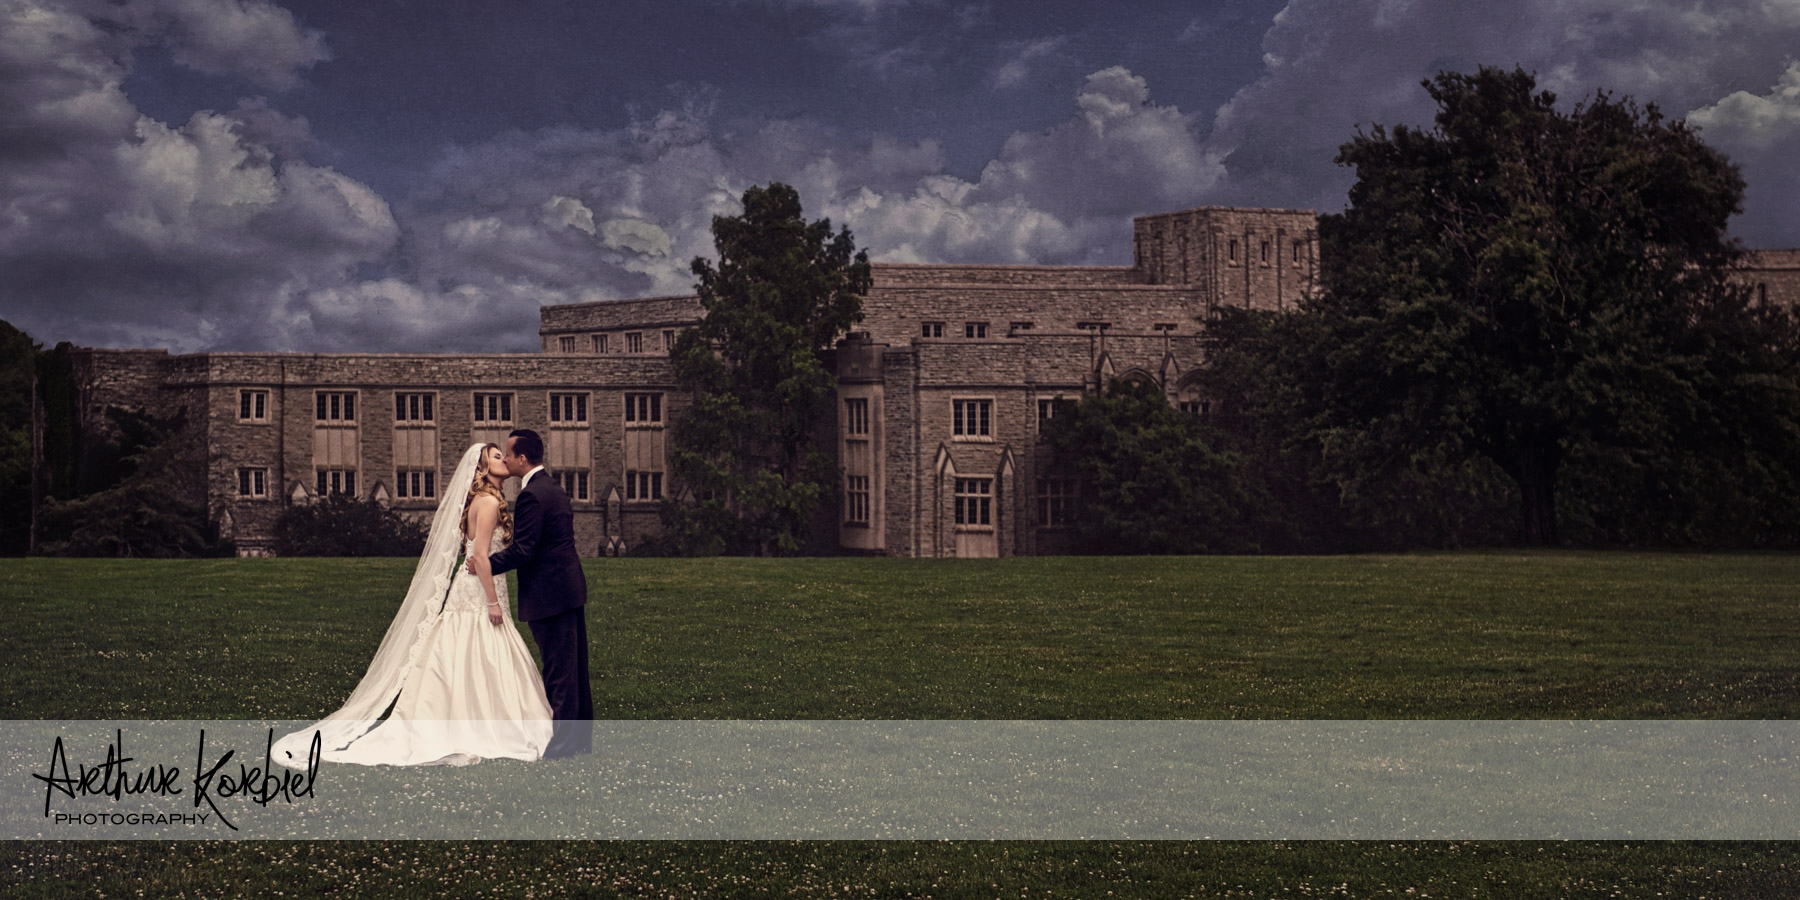 Arthur Korbiel Photography - London Wedding Photographer-021.jpg